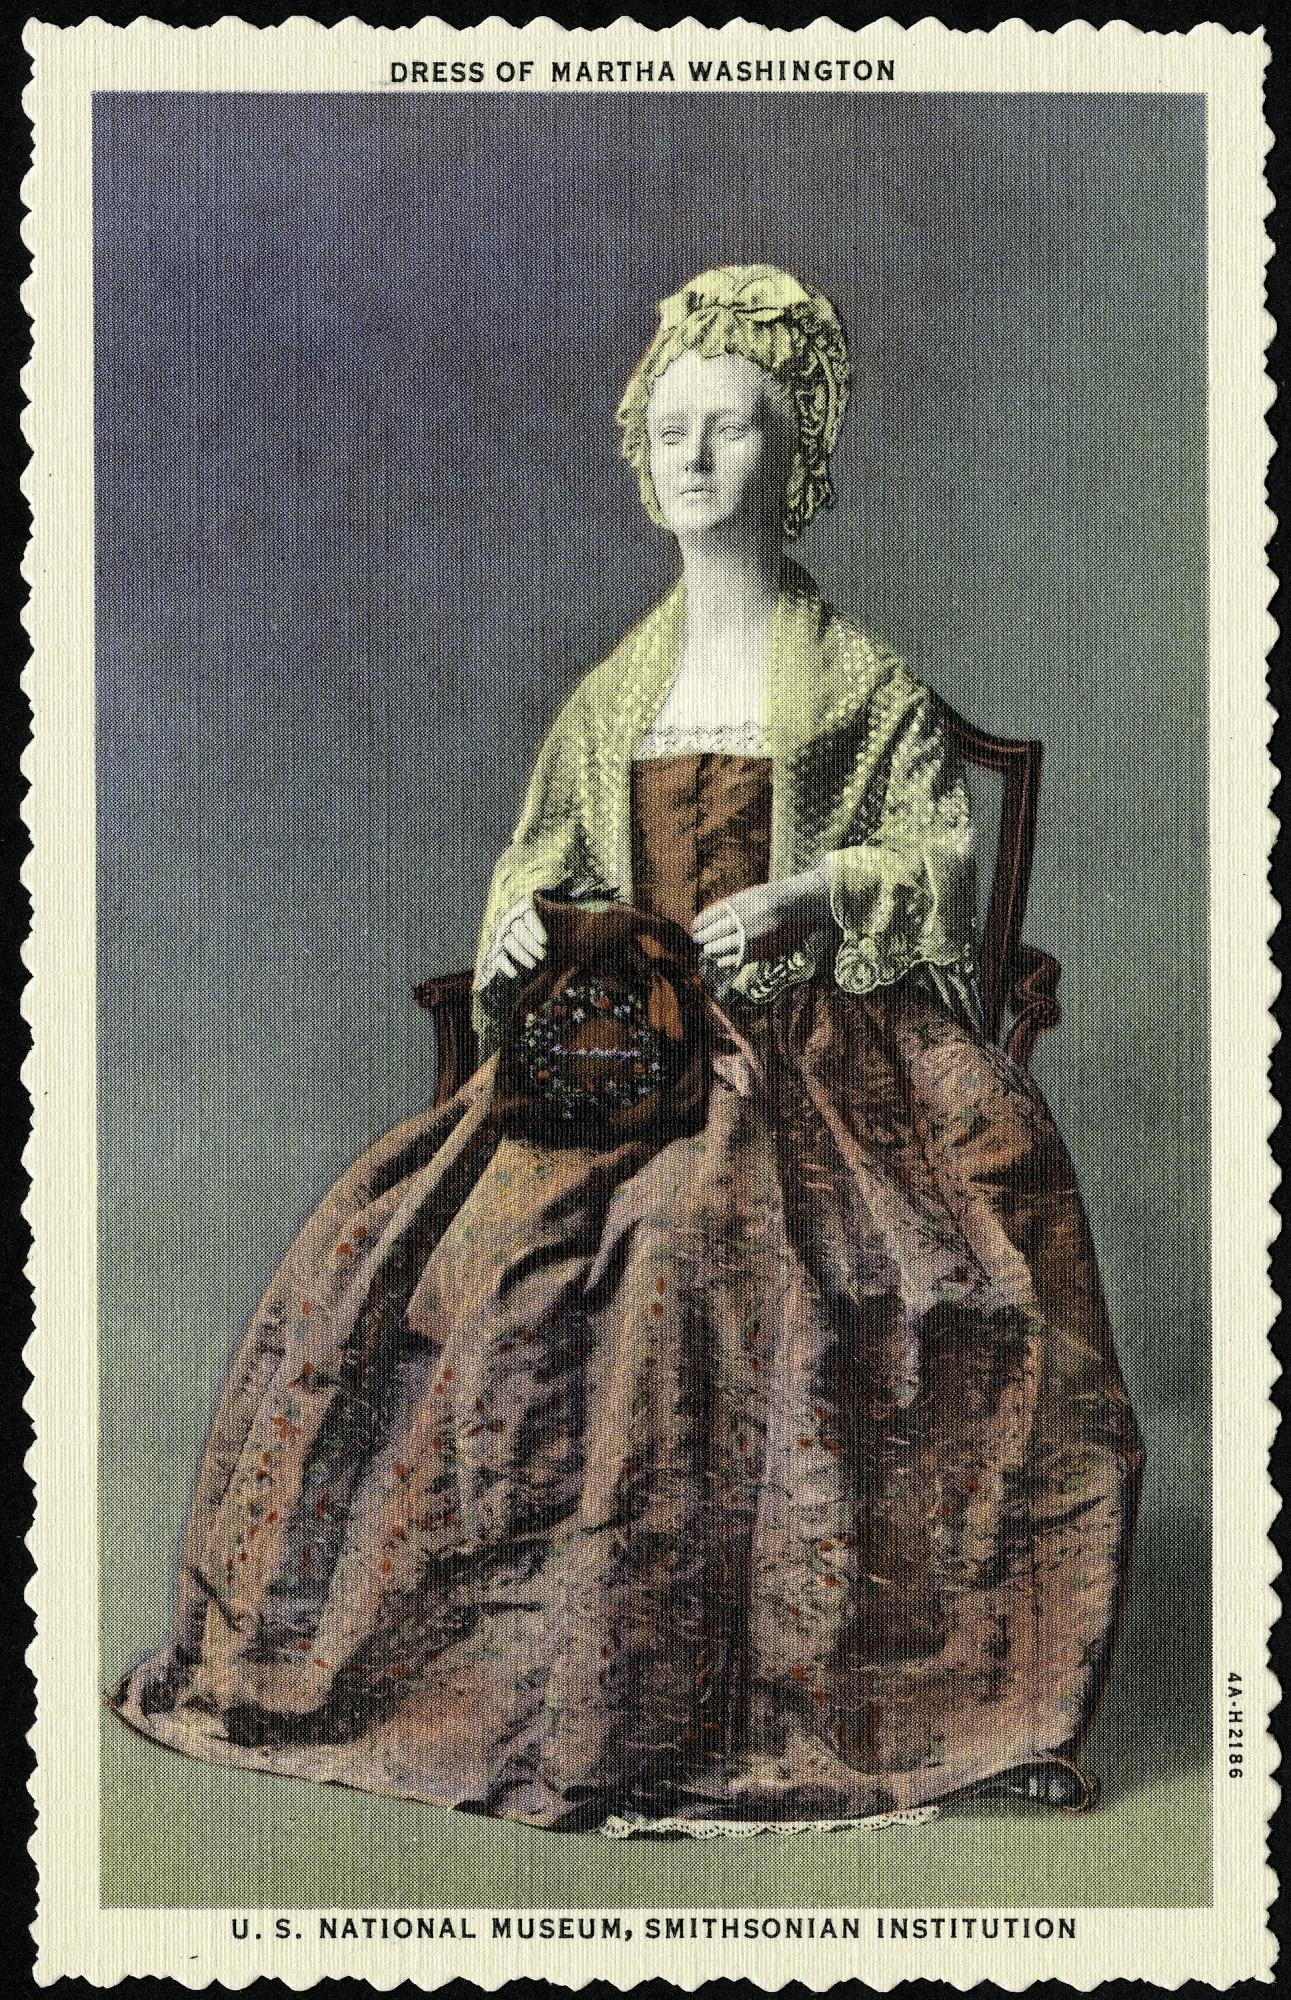 Postcard of a Dress of Martha Washington